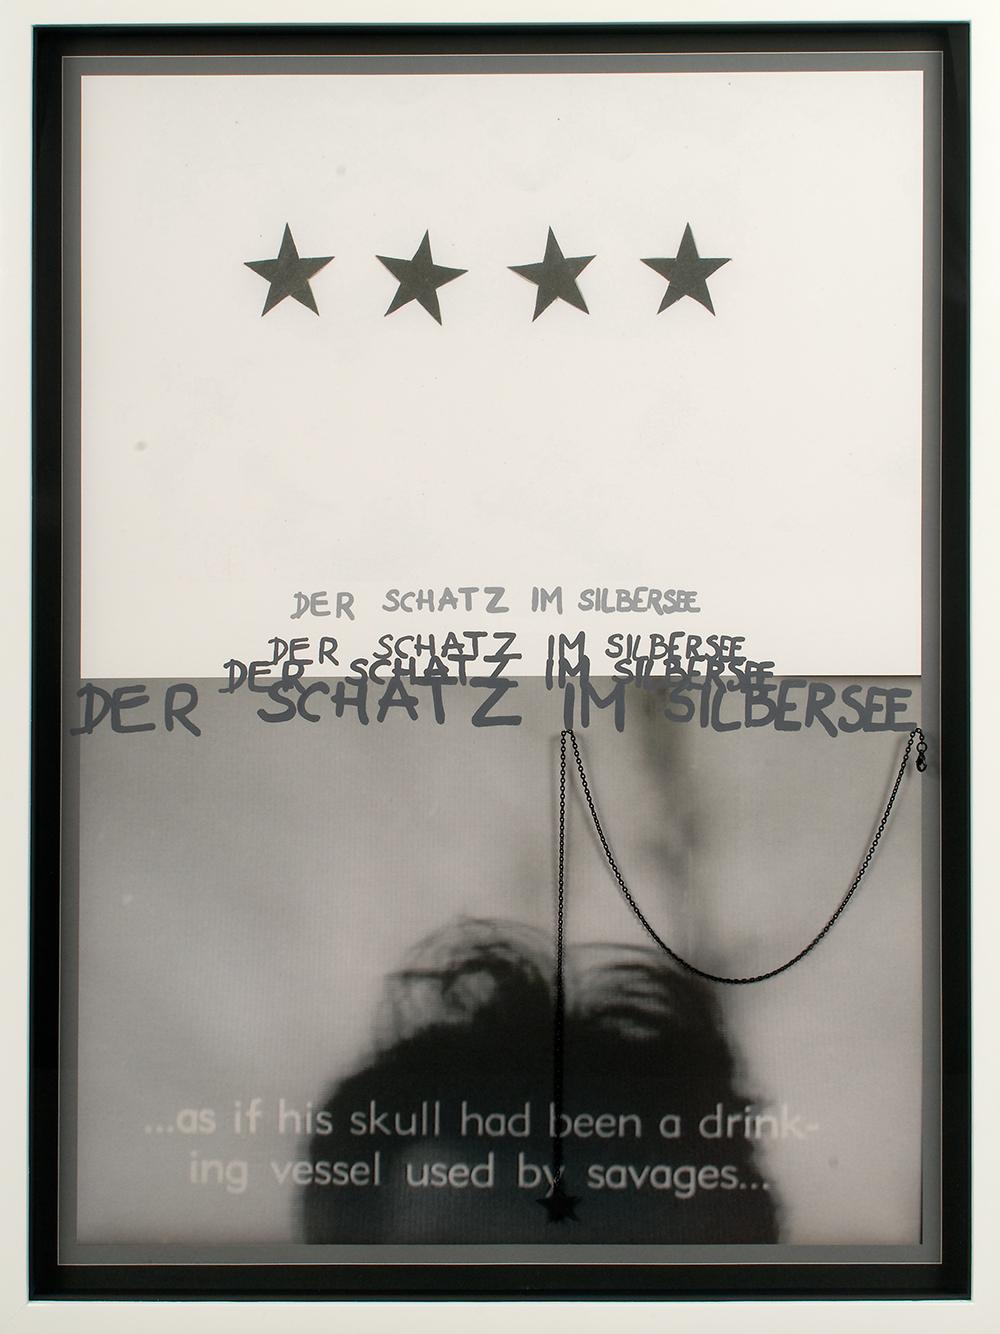 """no.10- Untitled (Der Schatz im Silbersee) tempera on ink jet print, painted gold chain,               21""""x28""""/ 53cmx71cm, 2007/08"""